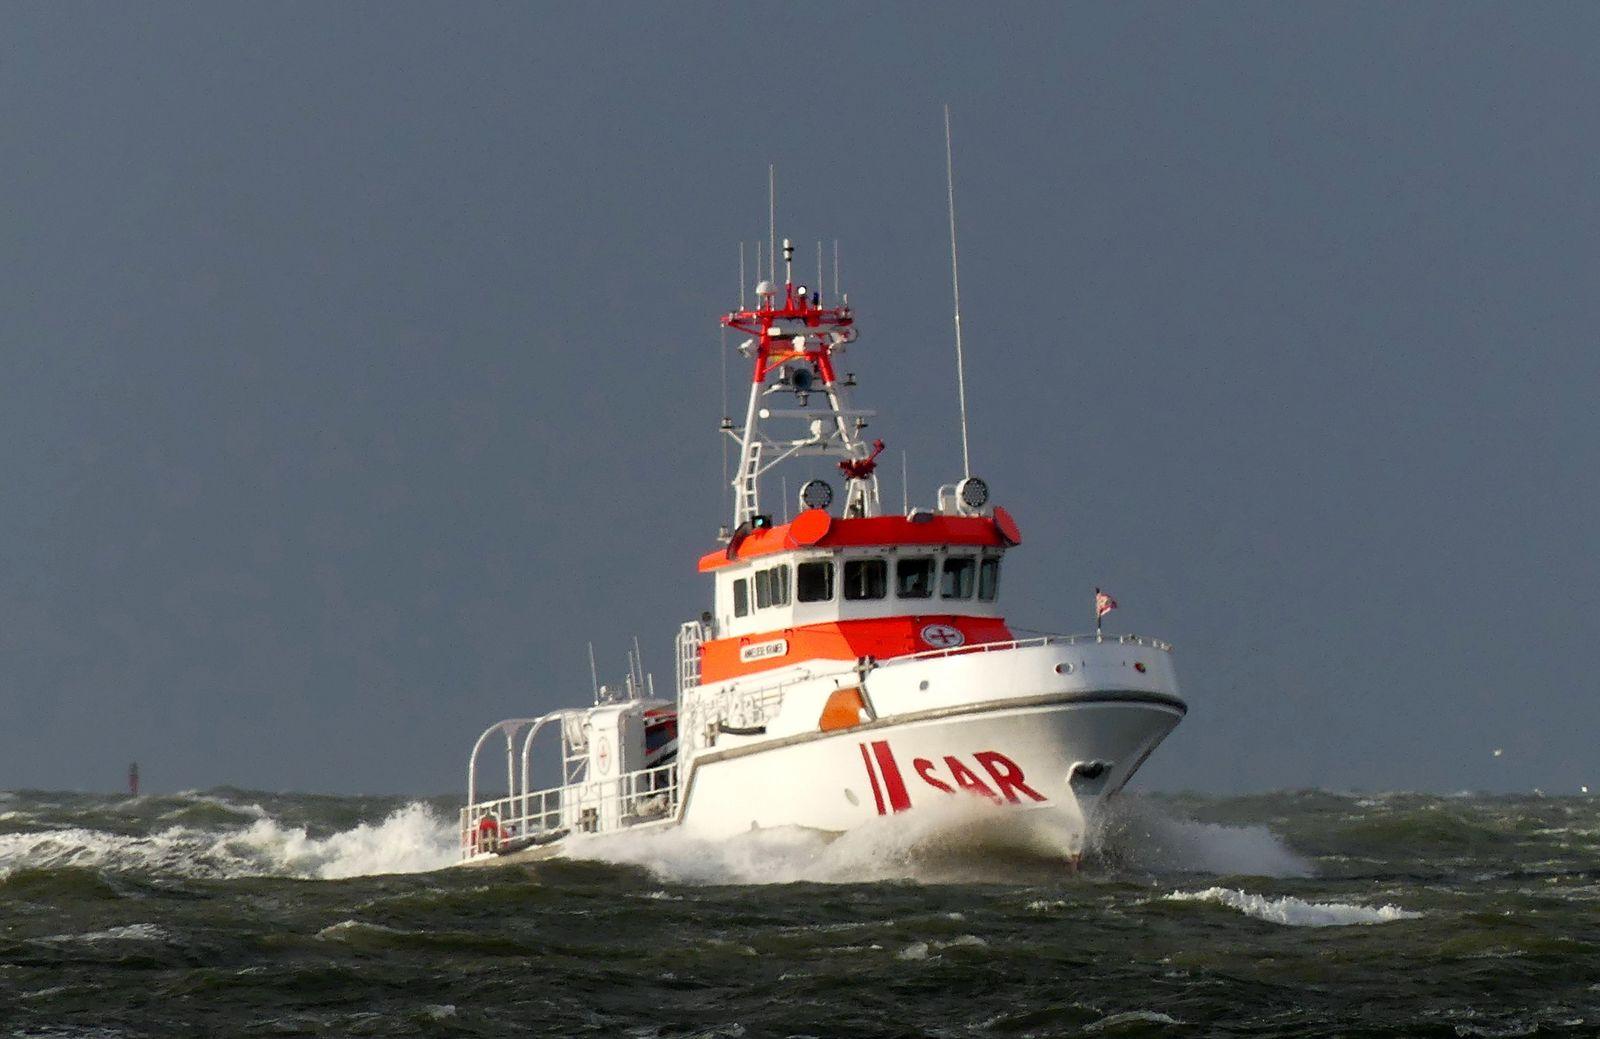 Sieben Segler vor Cuxhaven aus Rettungsinsel gerettet